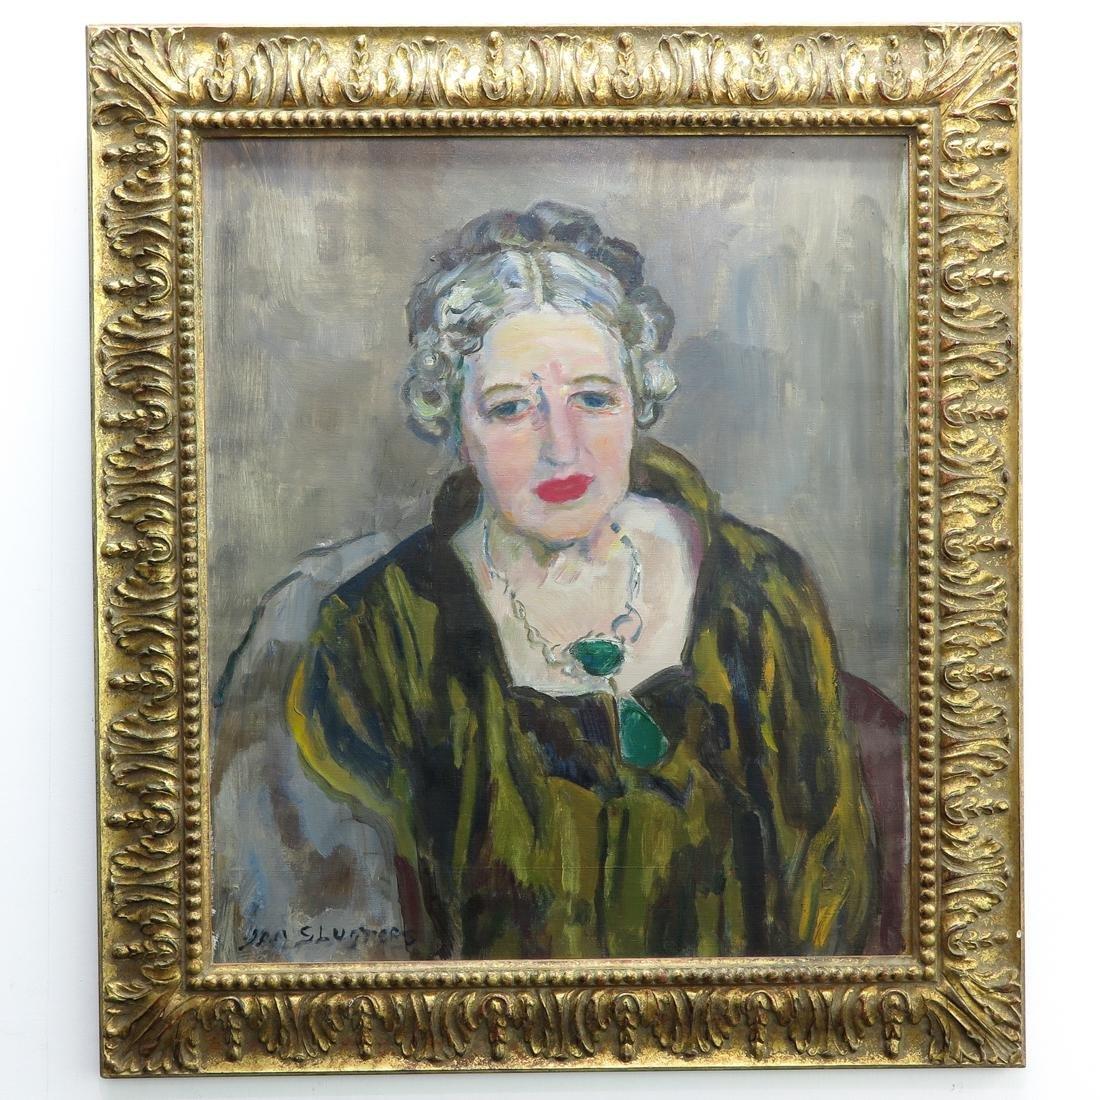 Signed Jan Sluijters Oil on Canvas Portrait Painting